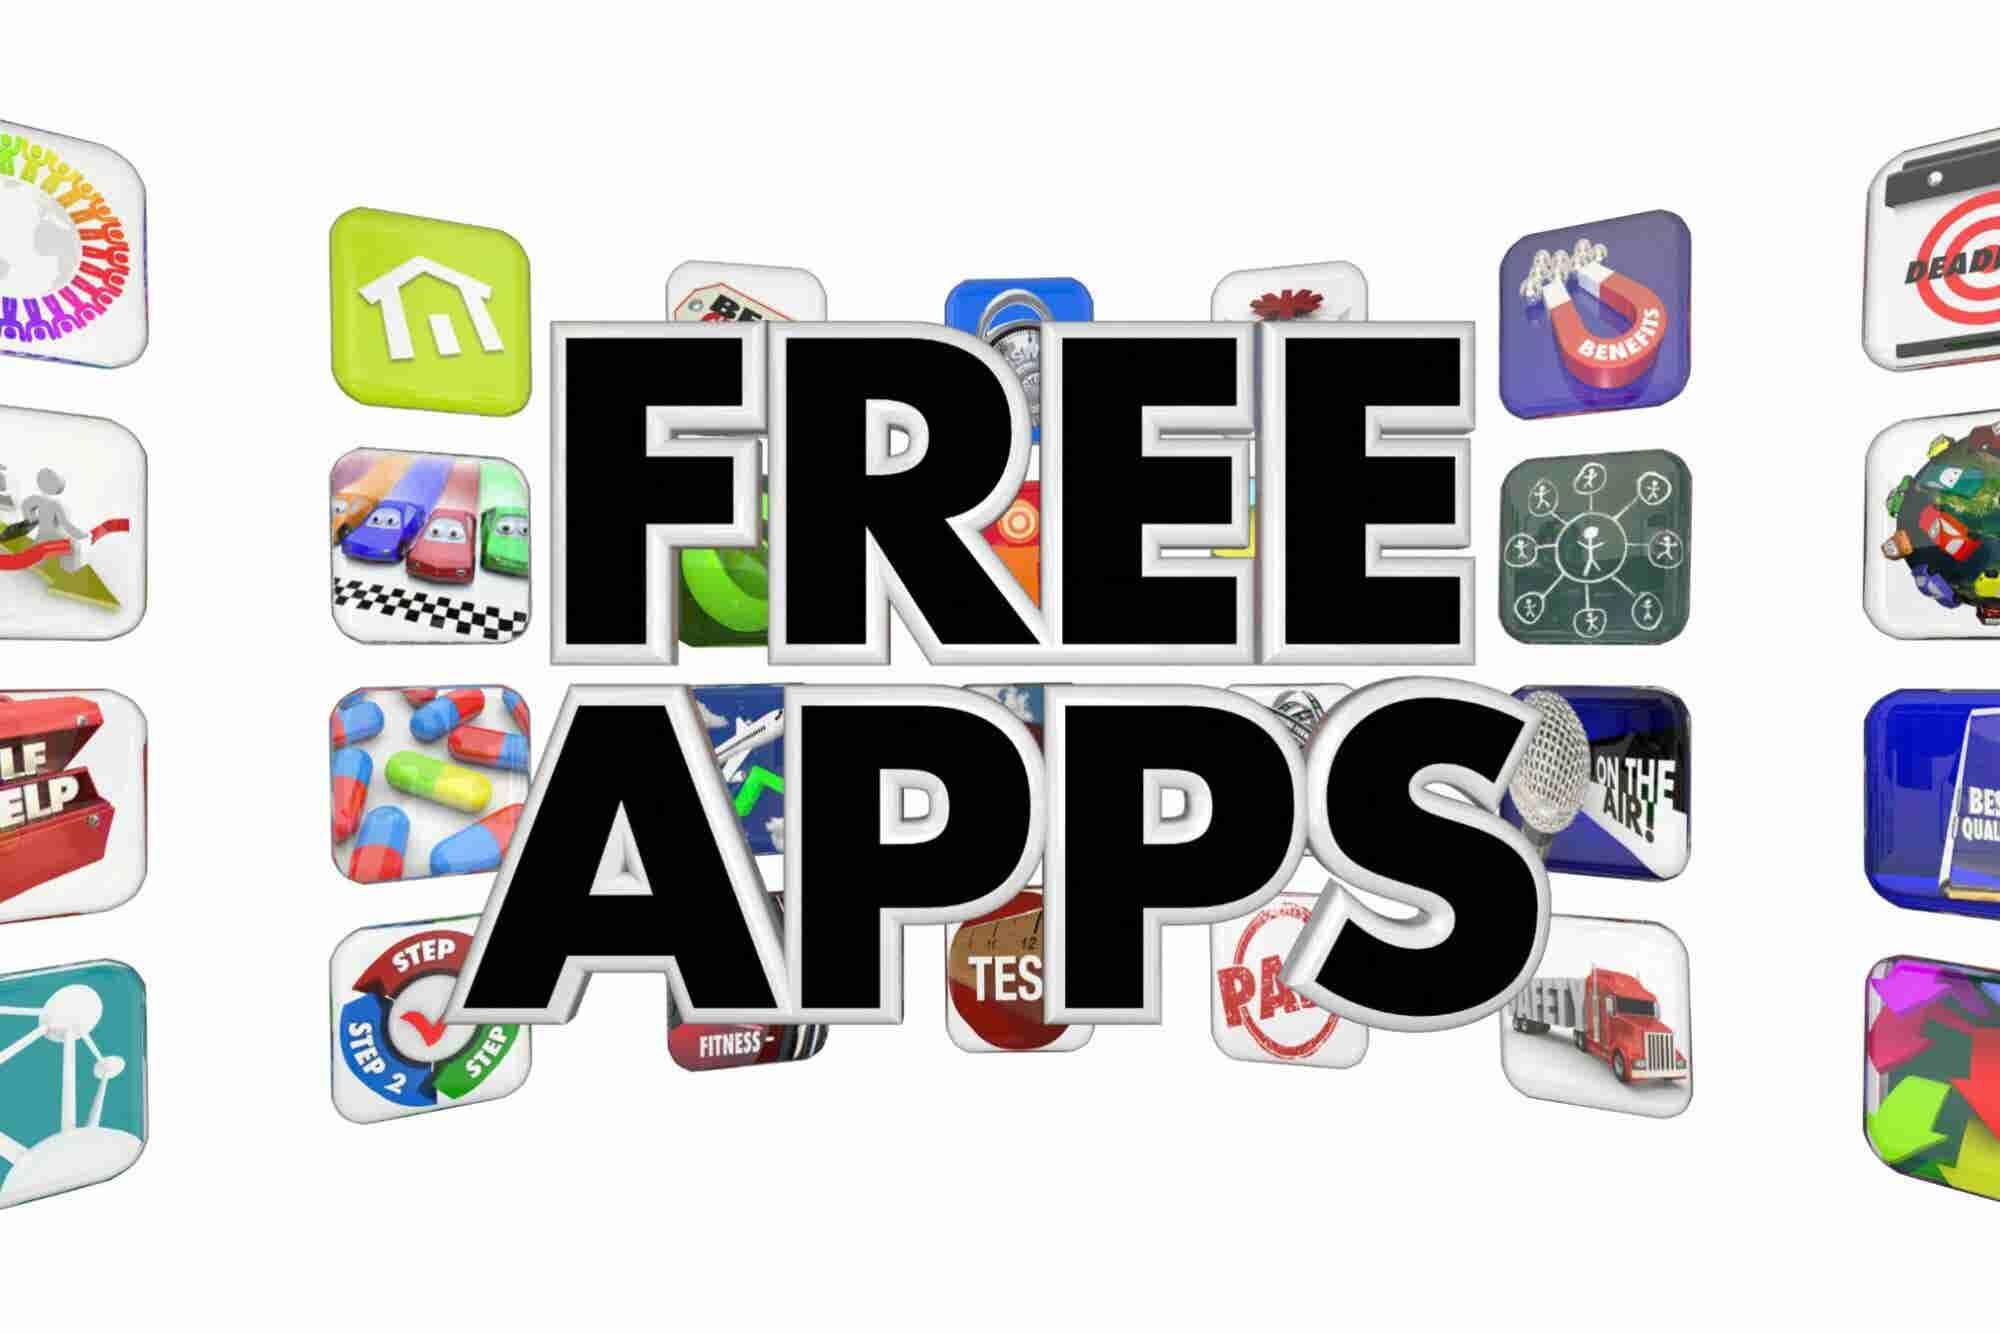 Descarga gratuita o cobrar por tu app, ¿qué te conviene?